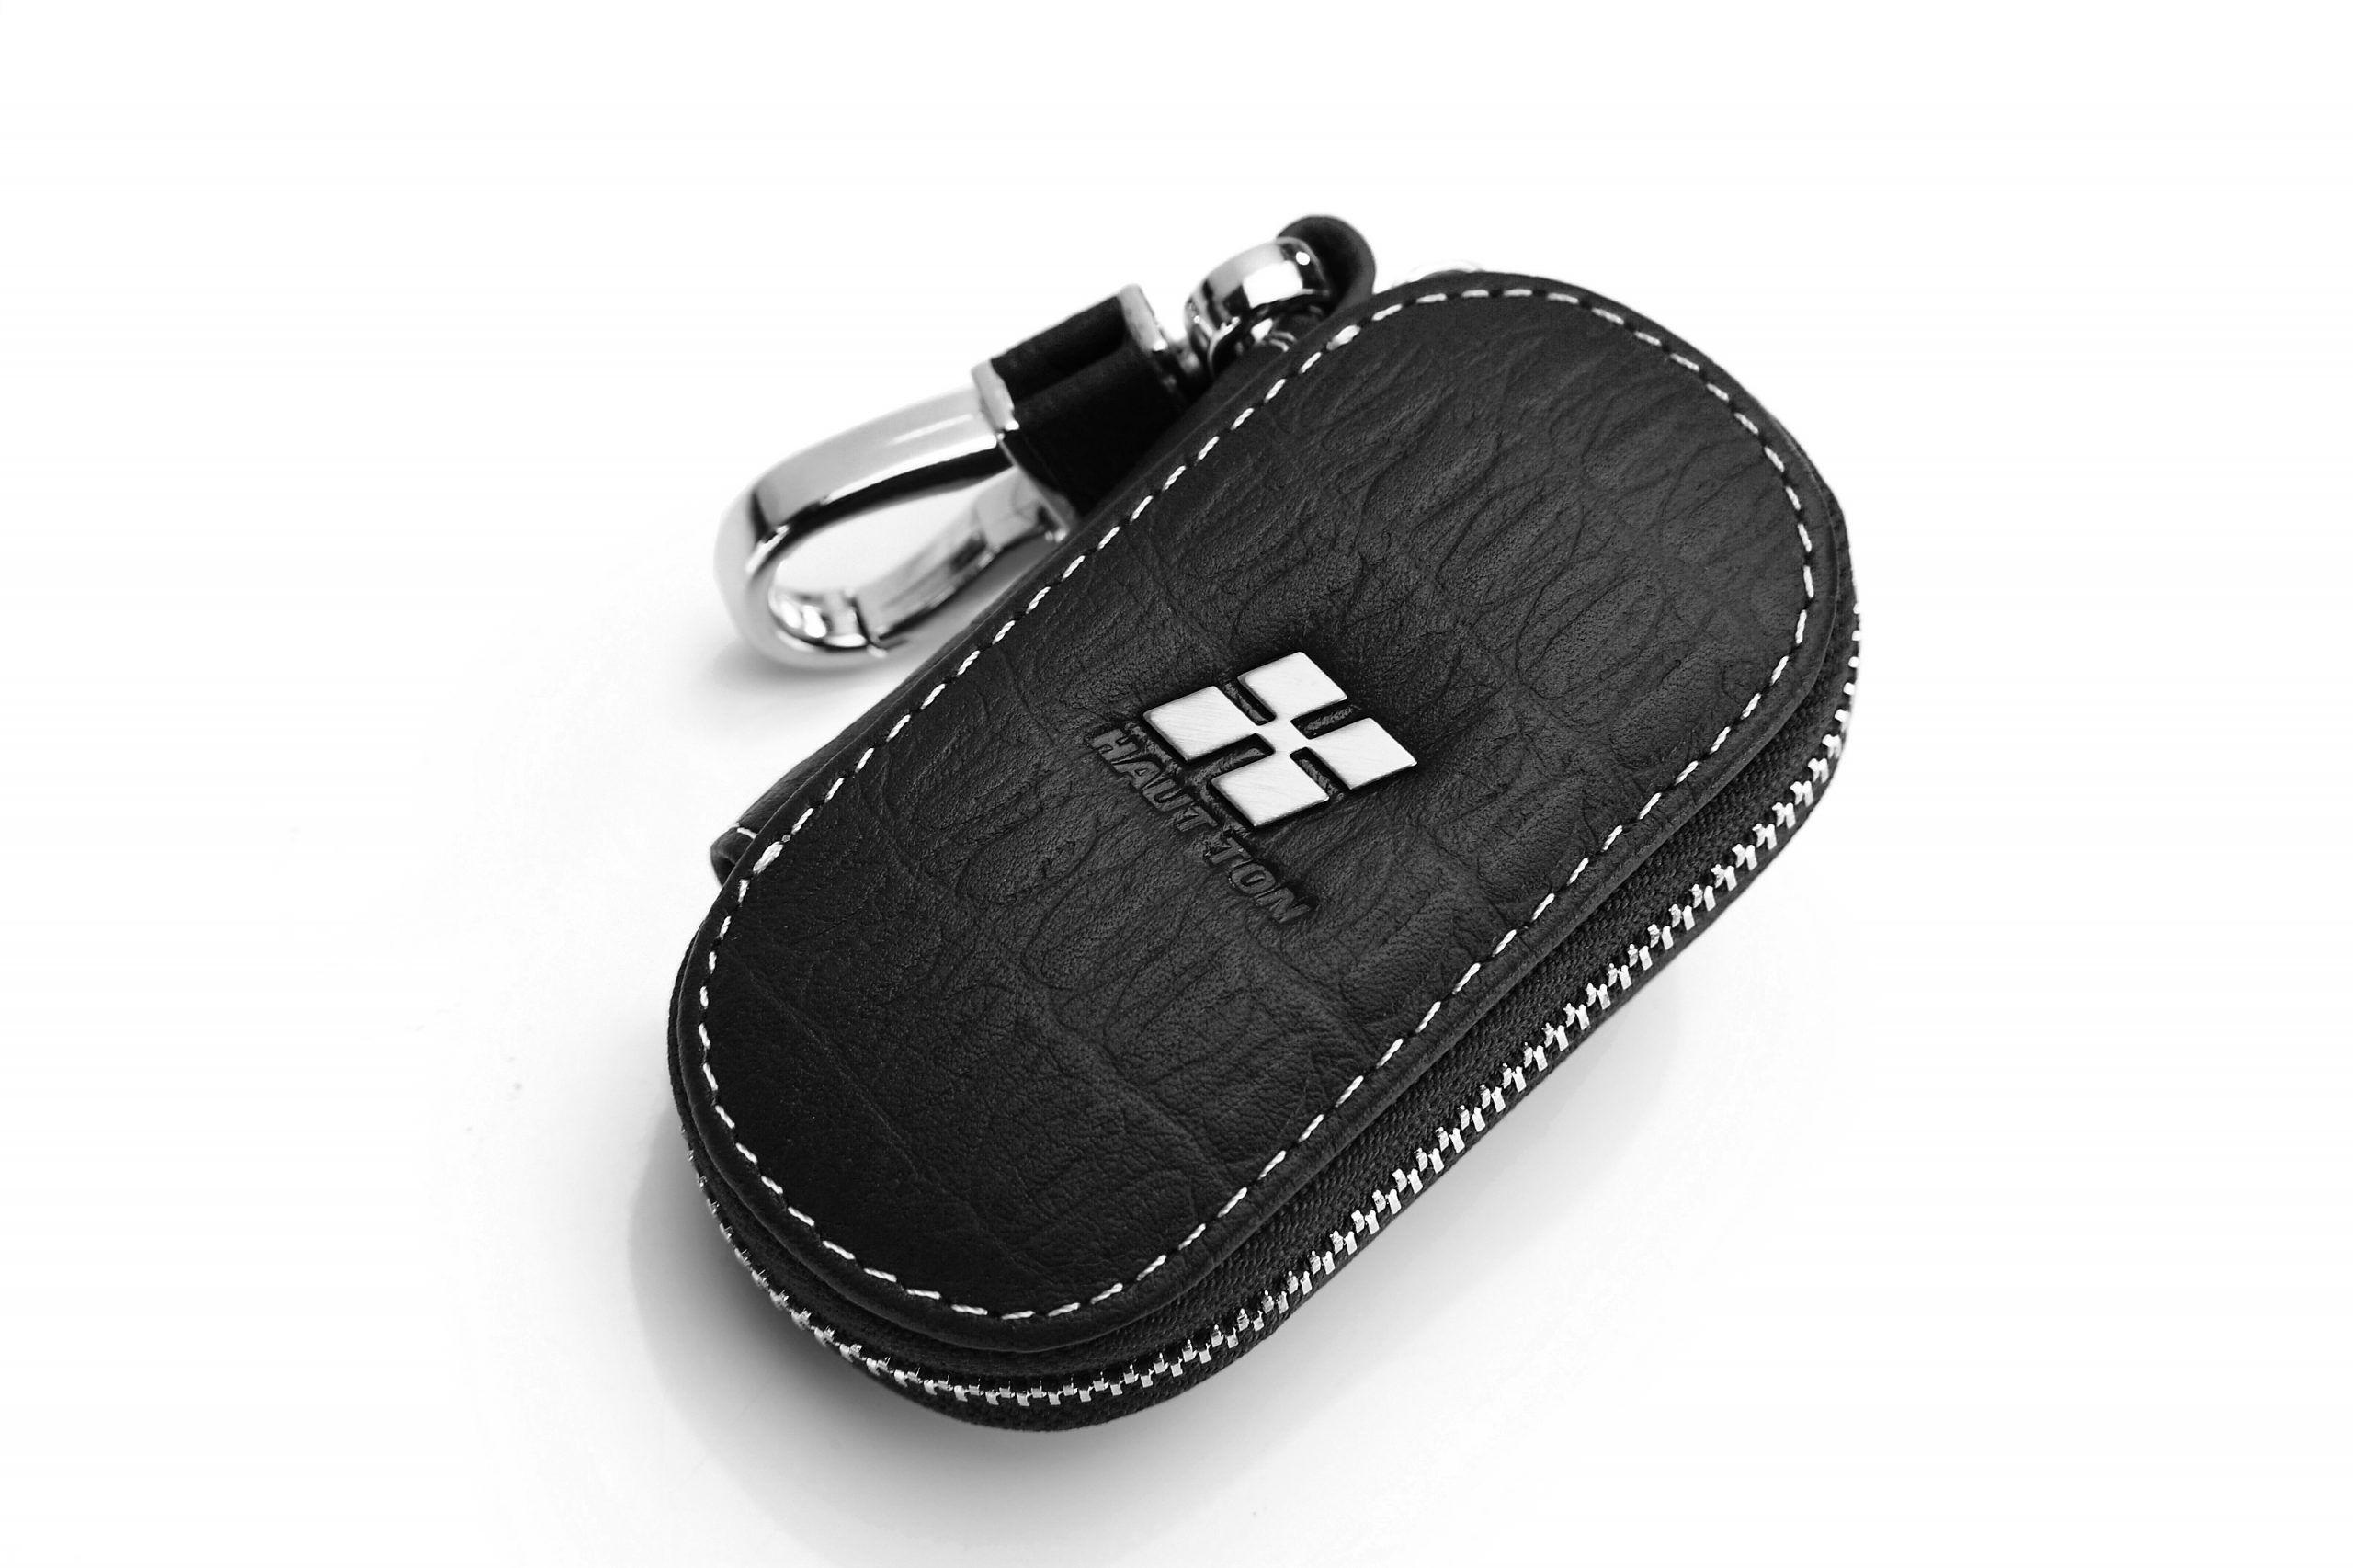 """Hautton Leather Black Plain With White Stitch Contrast Zip Around Key Case 4.0"""" Interlocking Hook"""